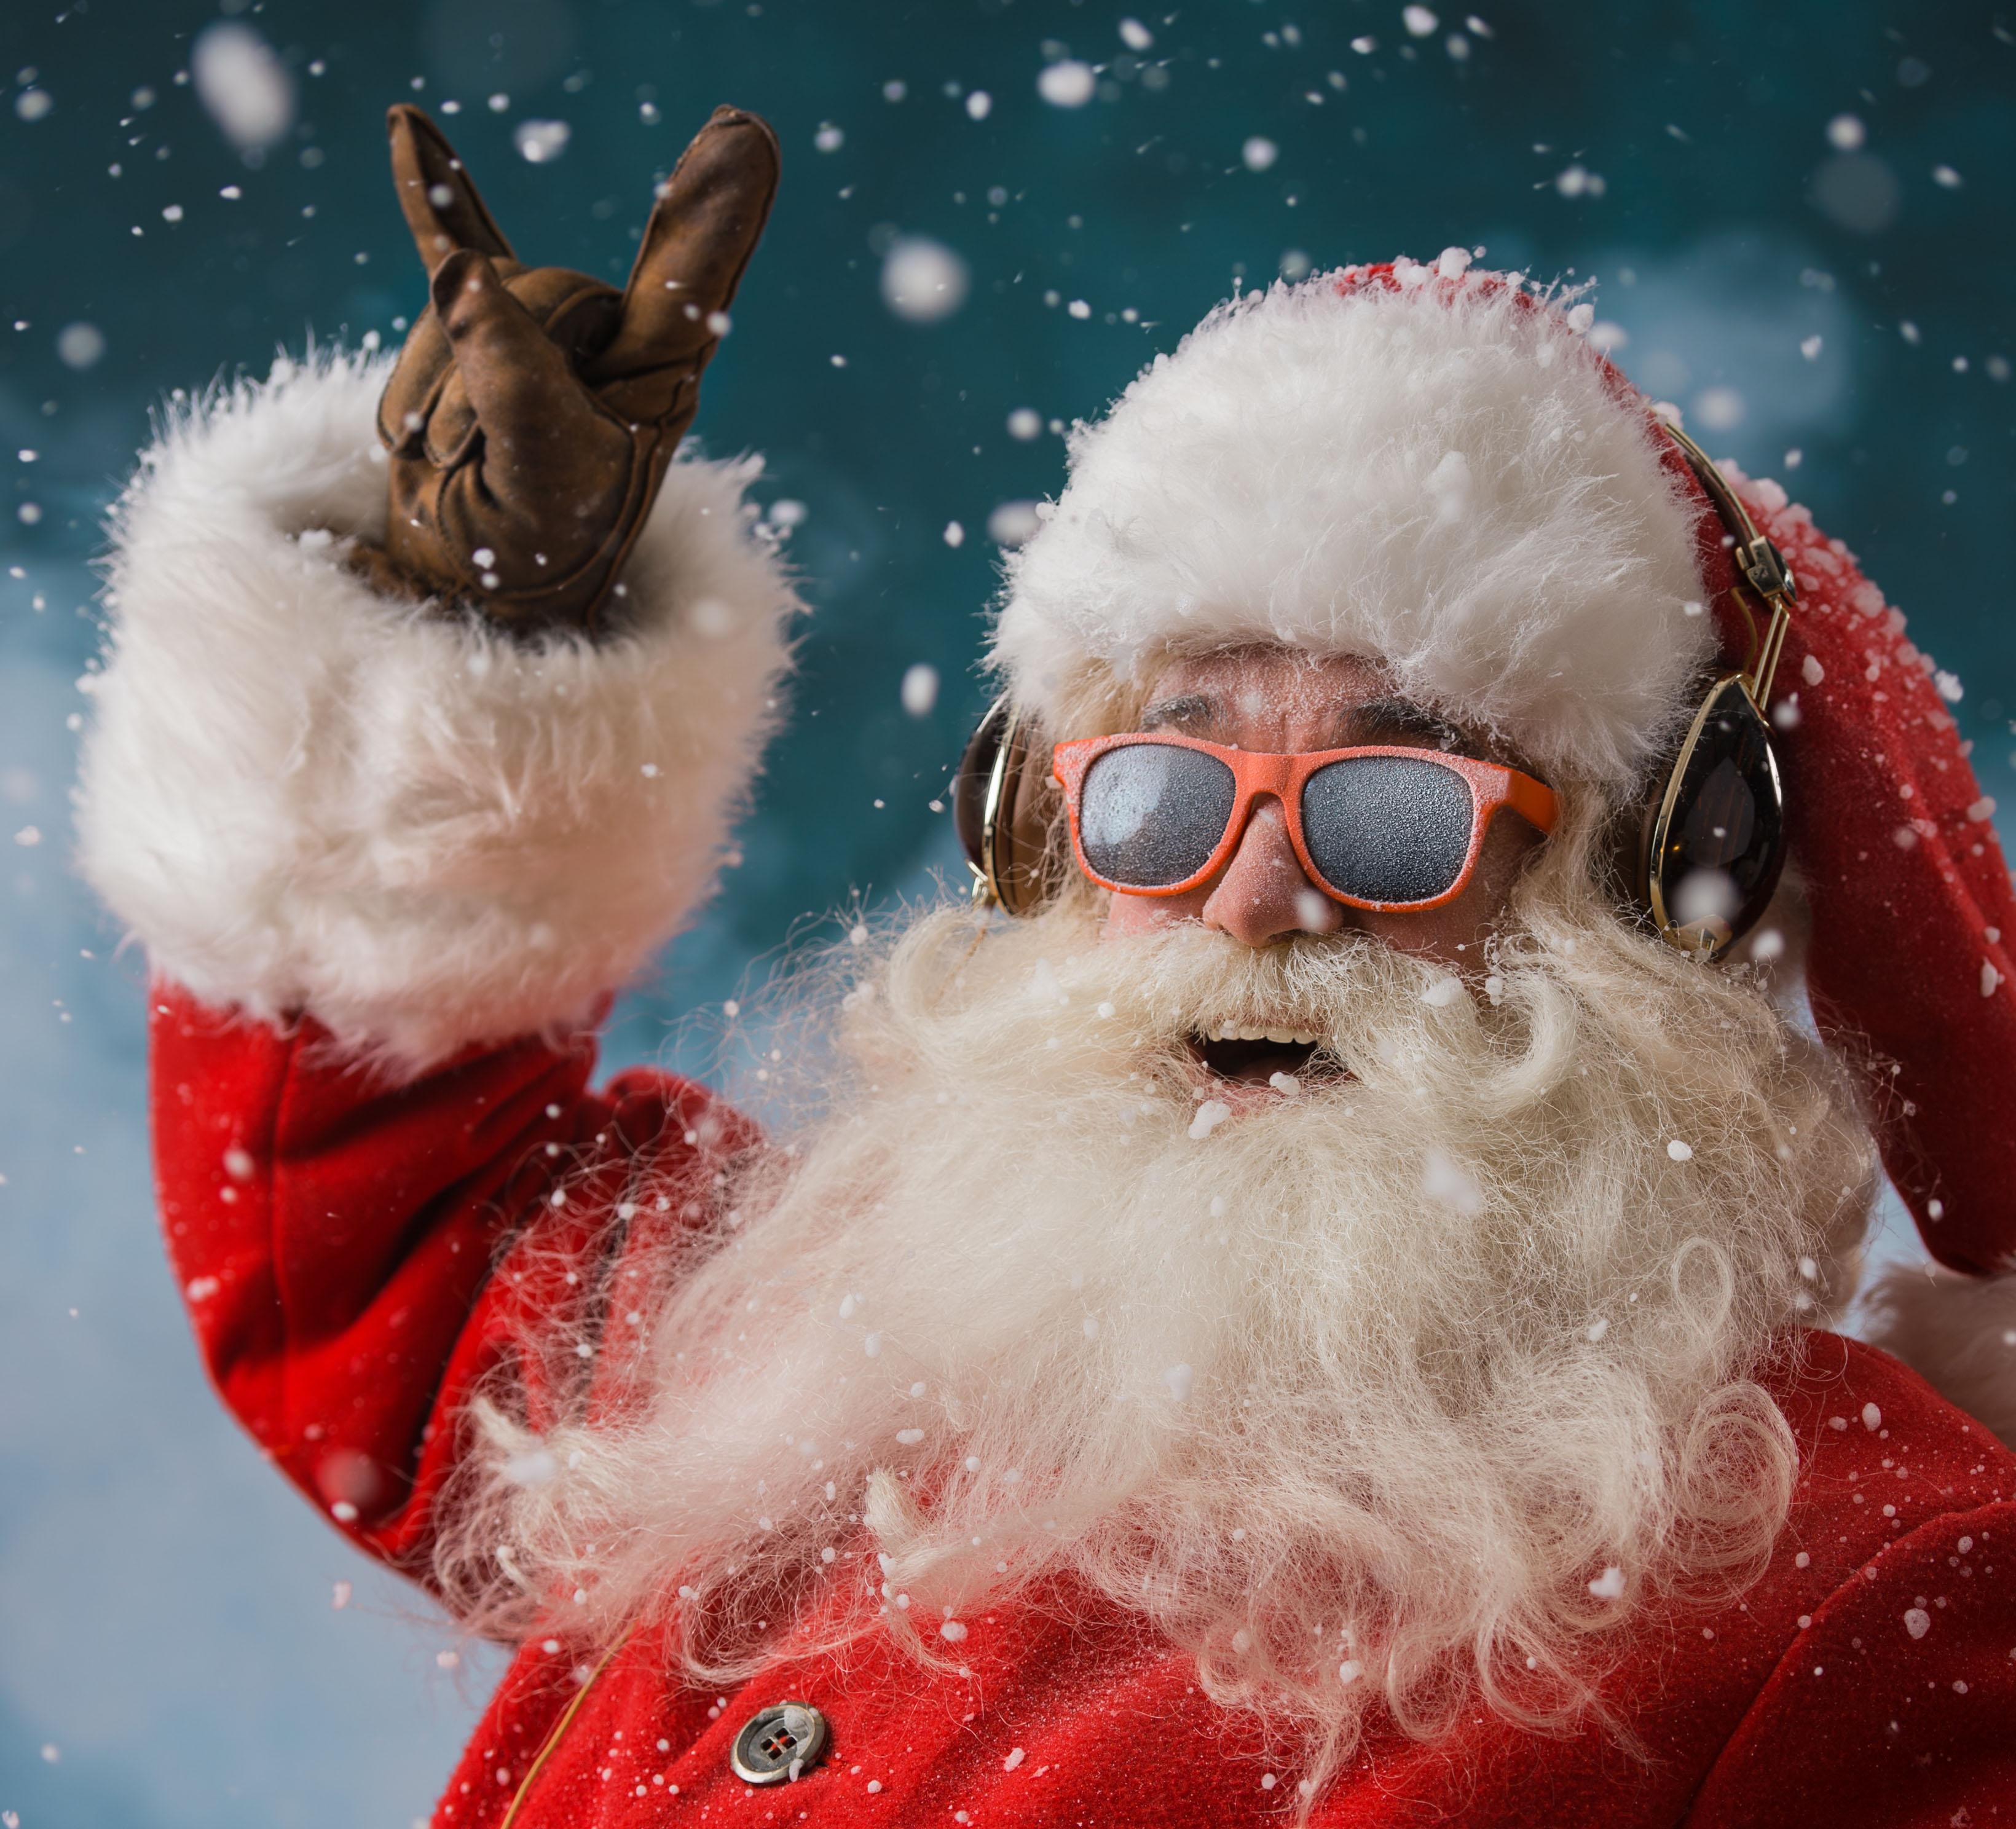 Babbo Natale Canzone.Le Canzoni Di Natale Diventano Metal